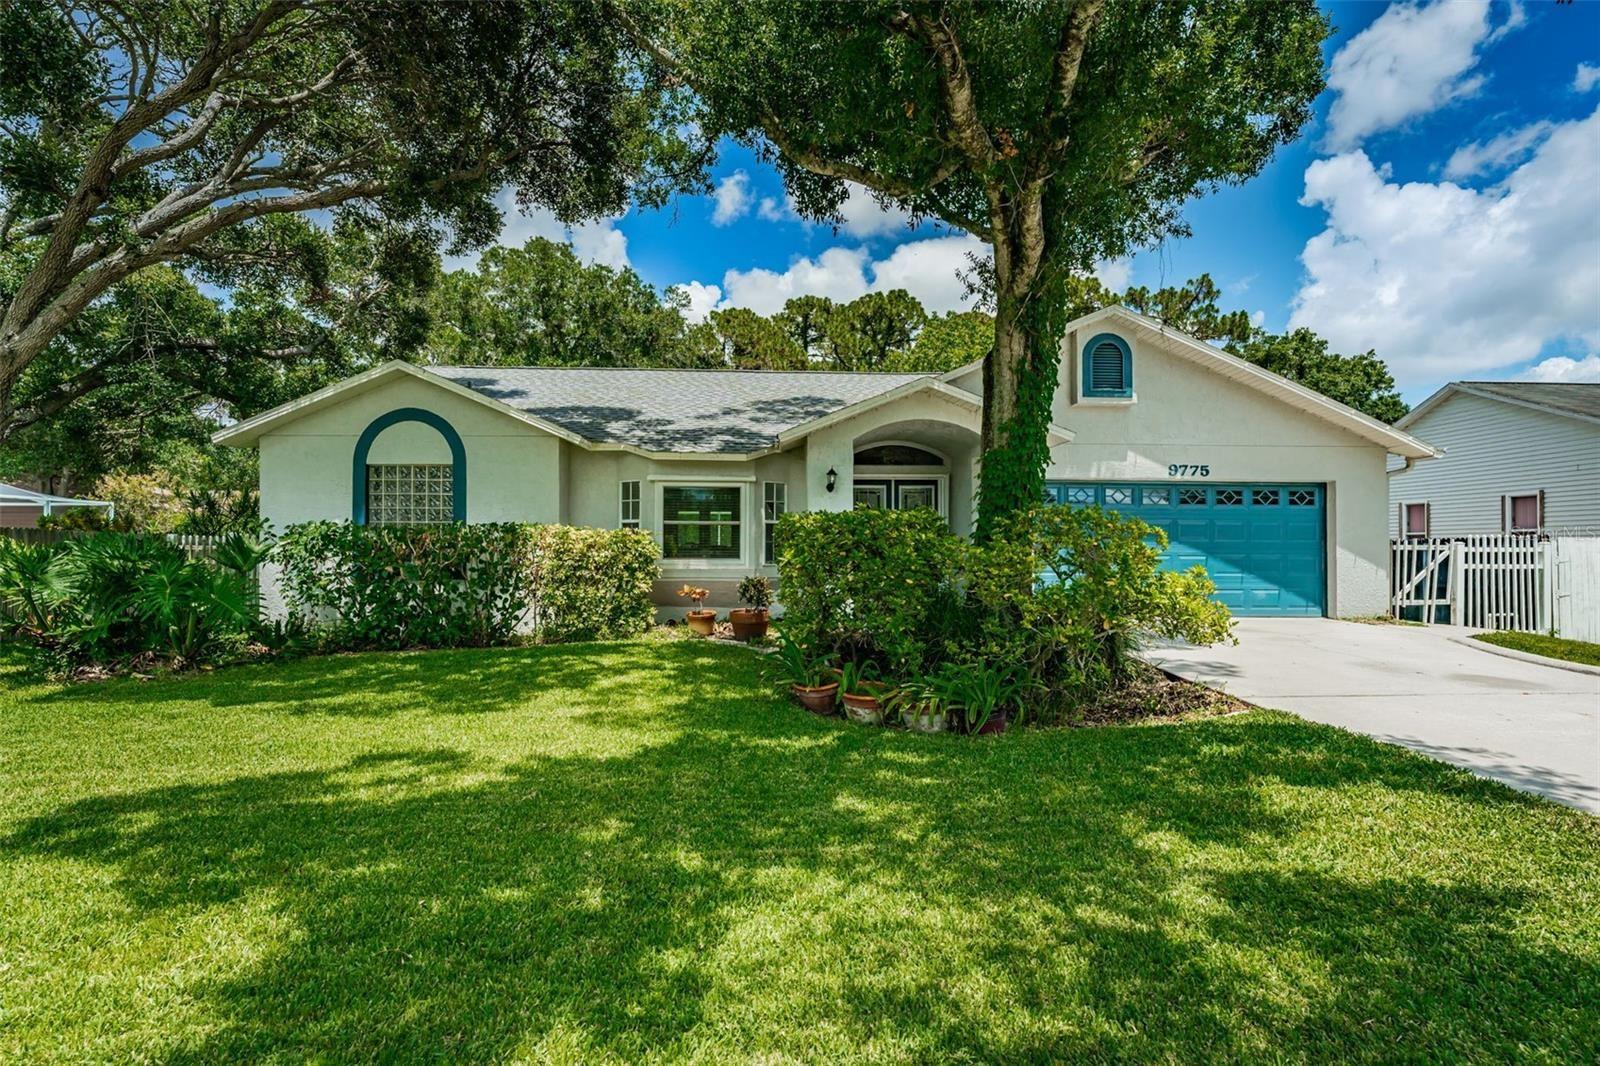 9775 58TH STREET N, Pinellas Park, FL 33782 - #: U8127130